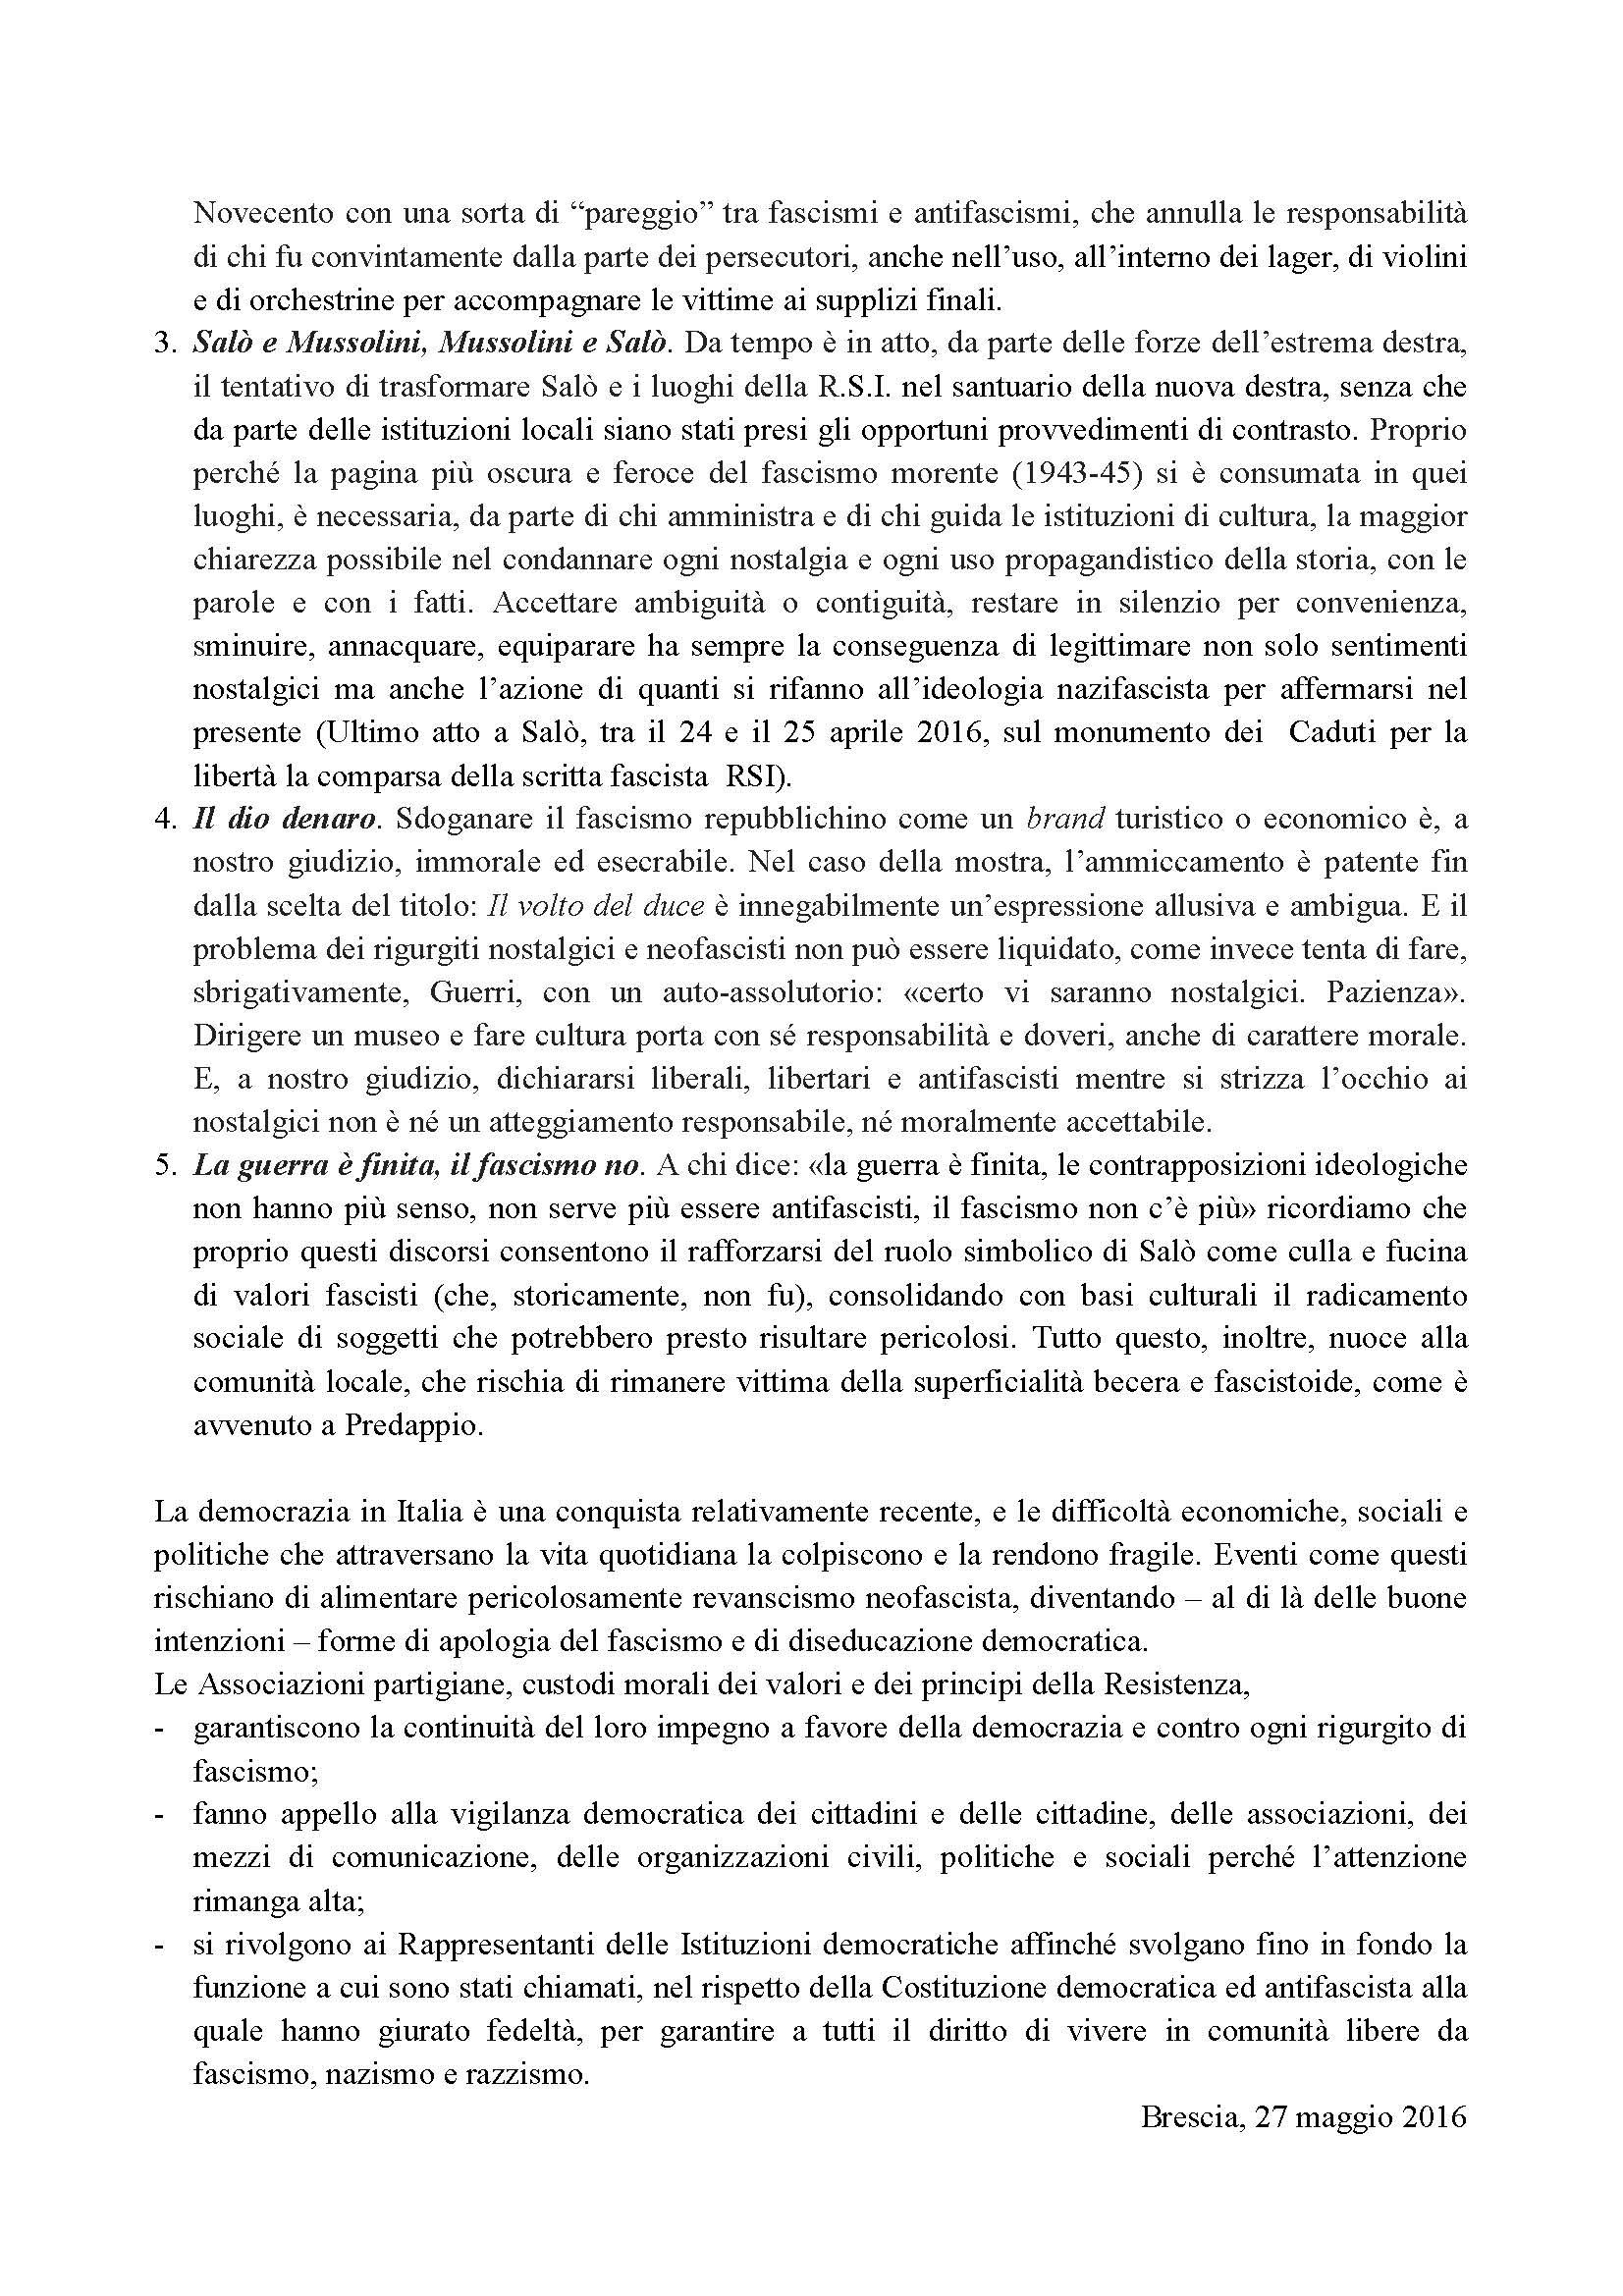 Lettera aperta def._Page_2